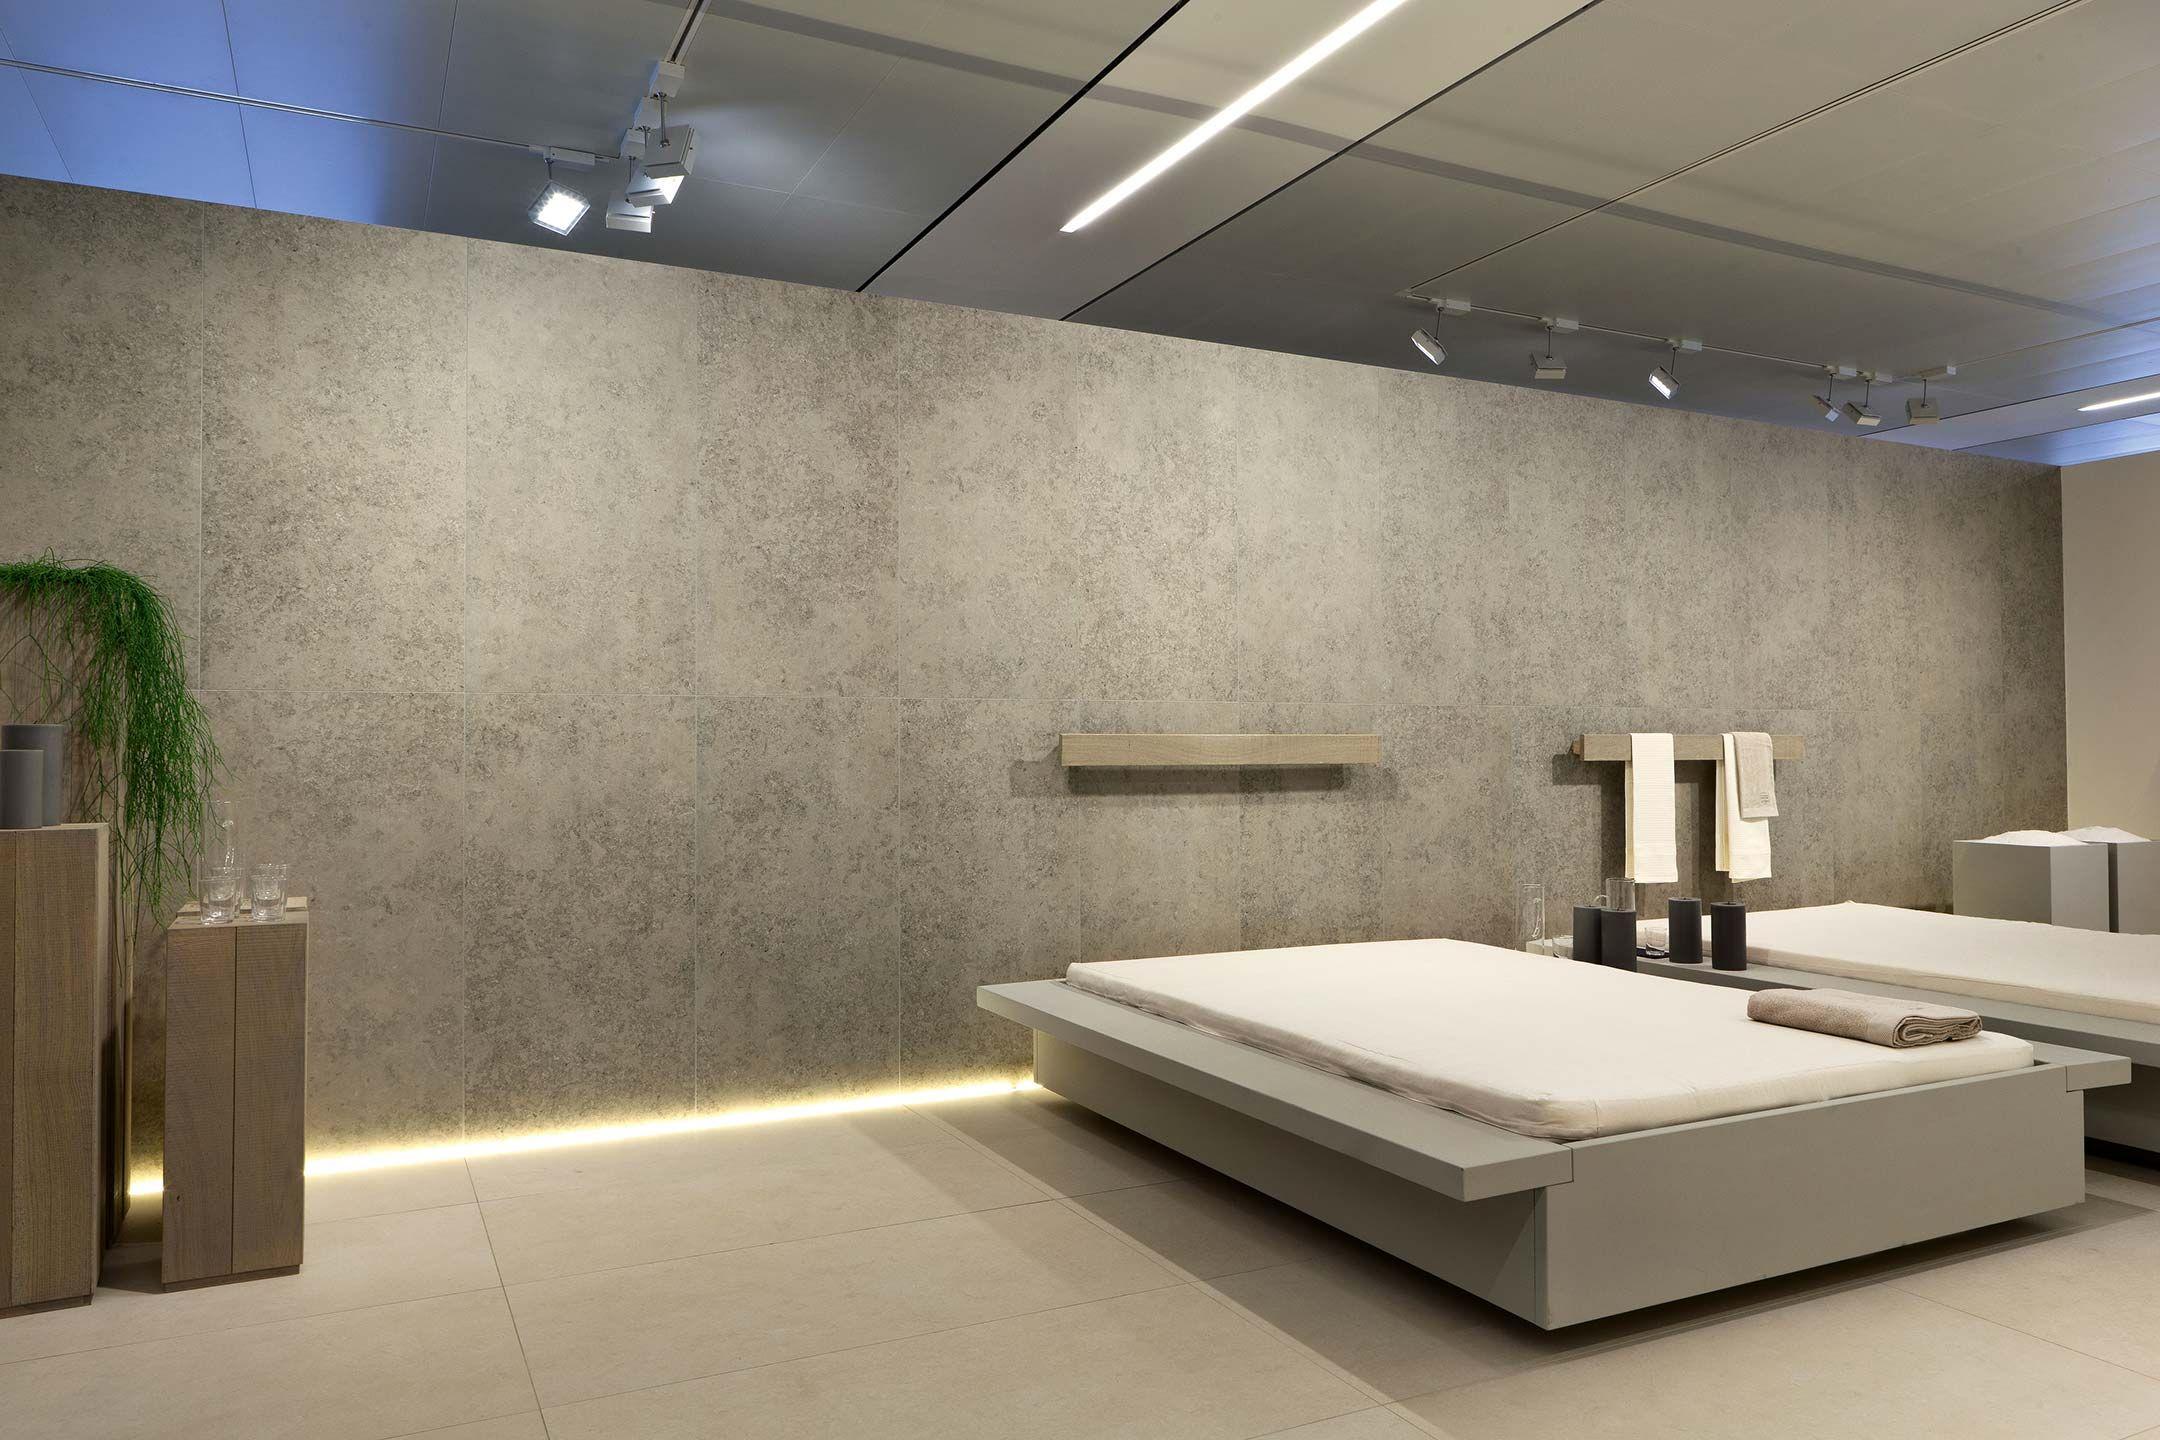 Piastrelle camera da letto decorazioni per la casa salvarlaile